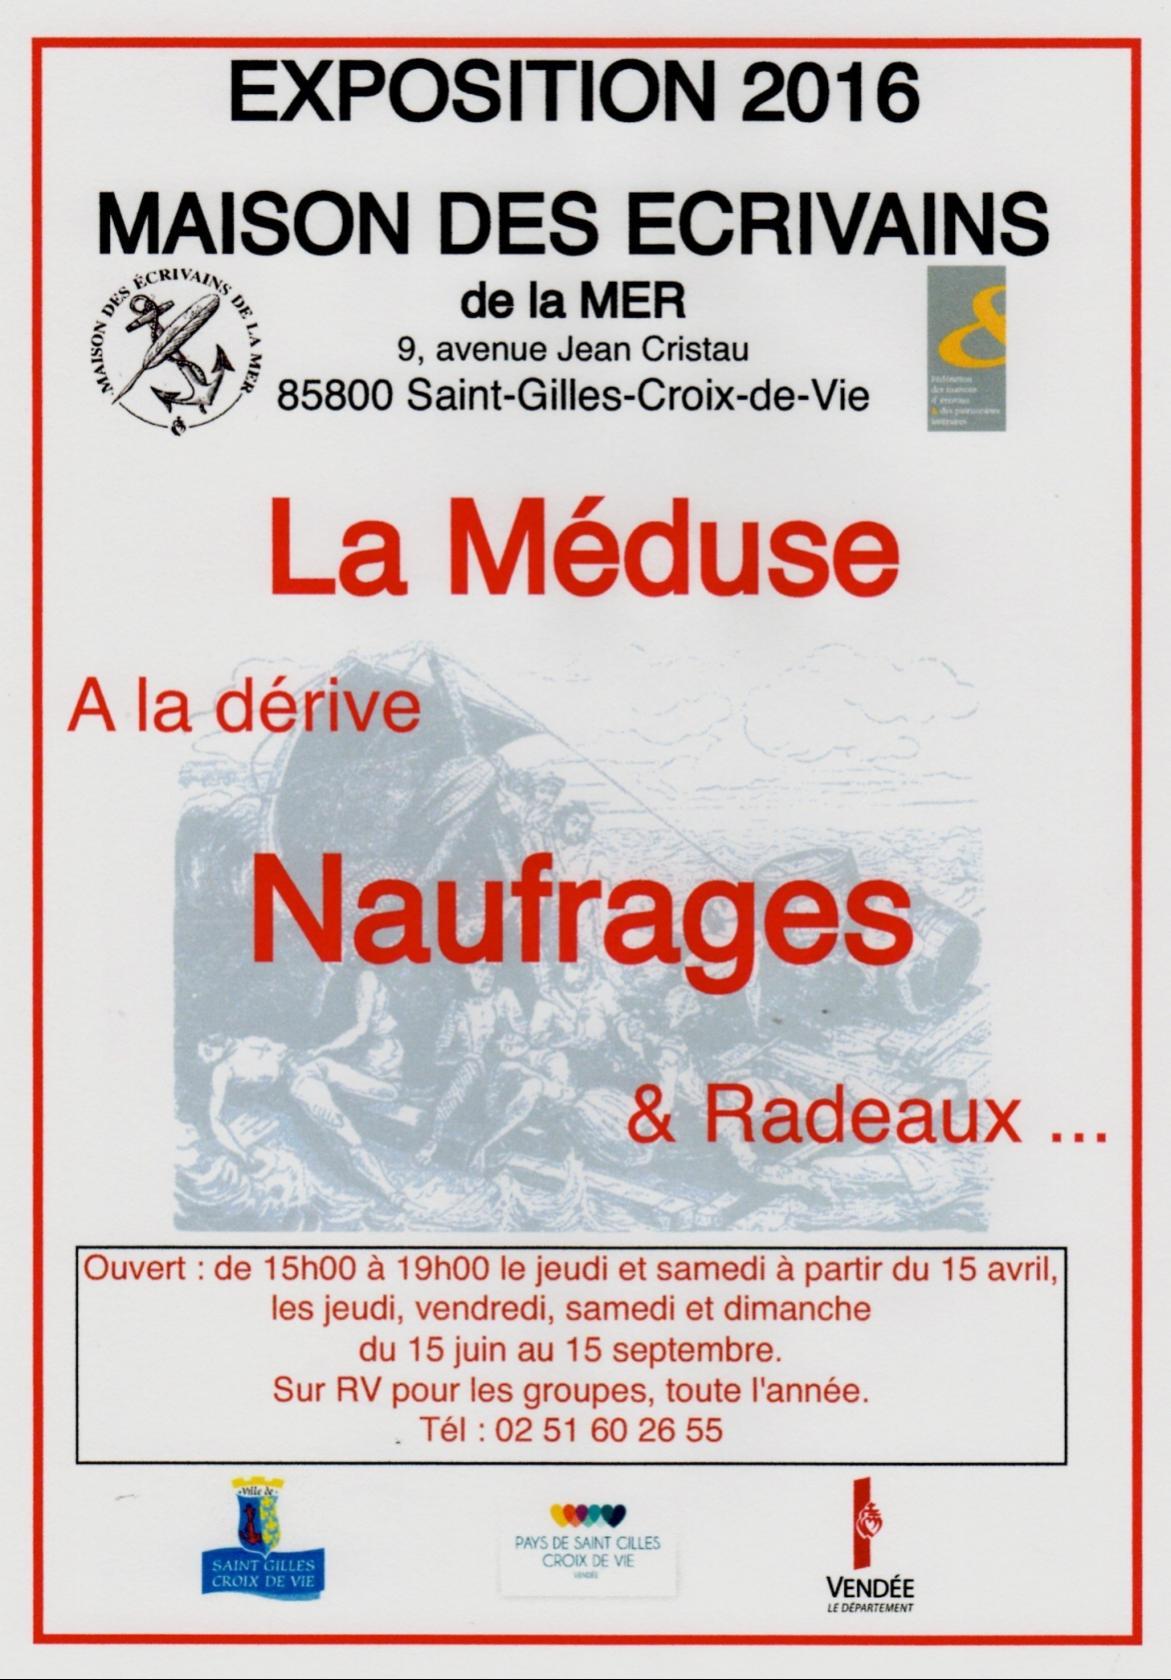 'La Méduse'' à la dérive naufrages et radeaux Saint-Gilles-Croix-de-Vie